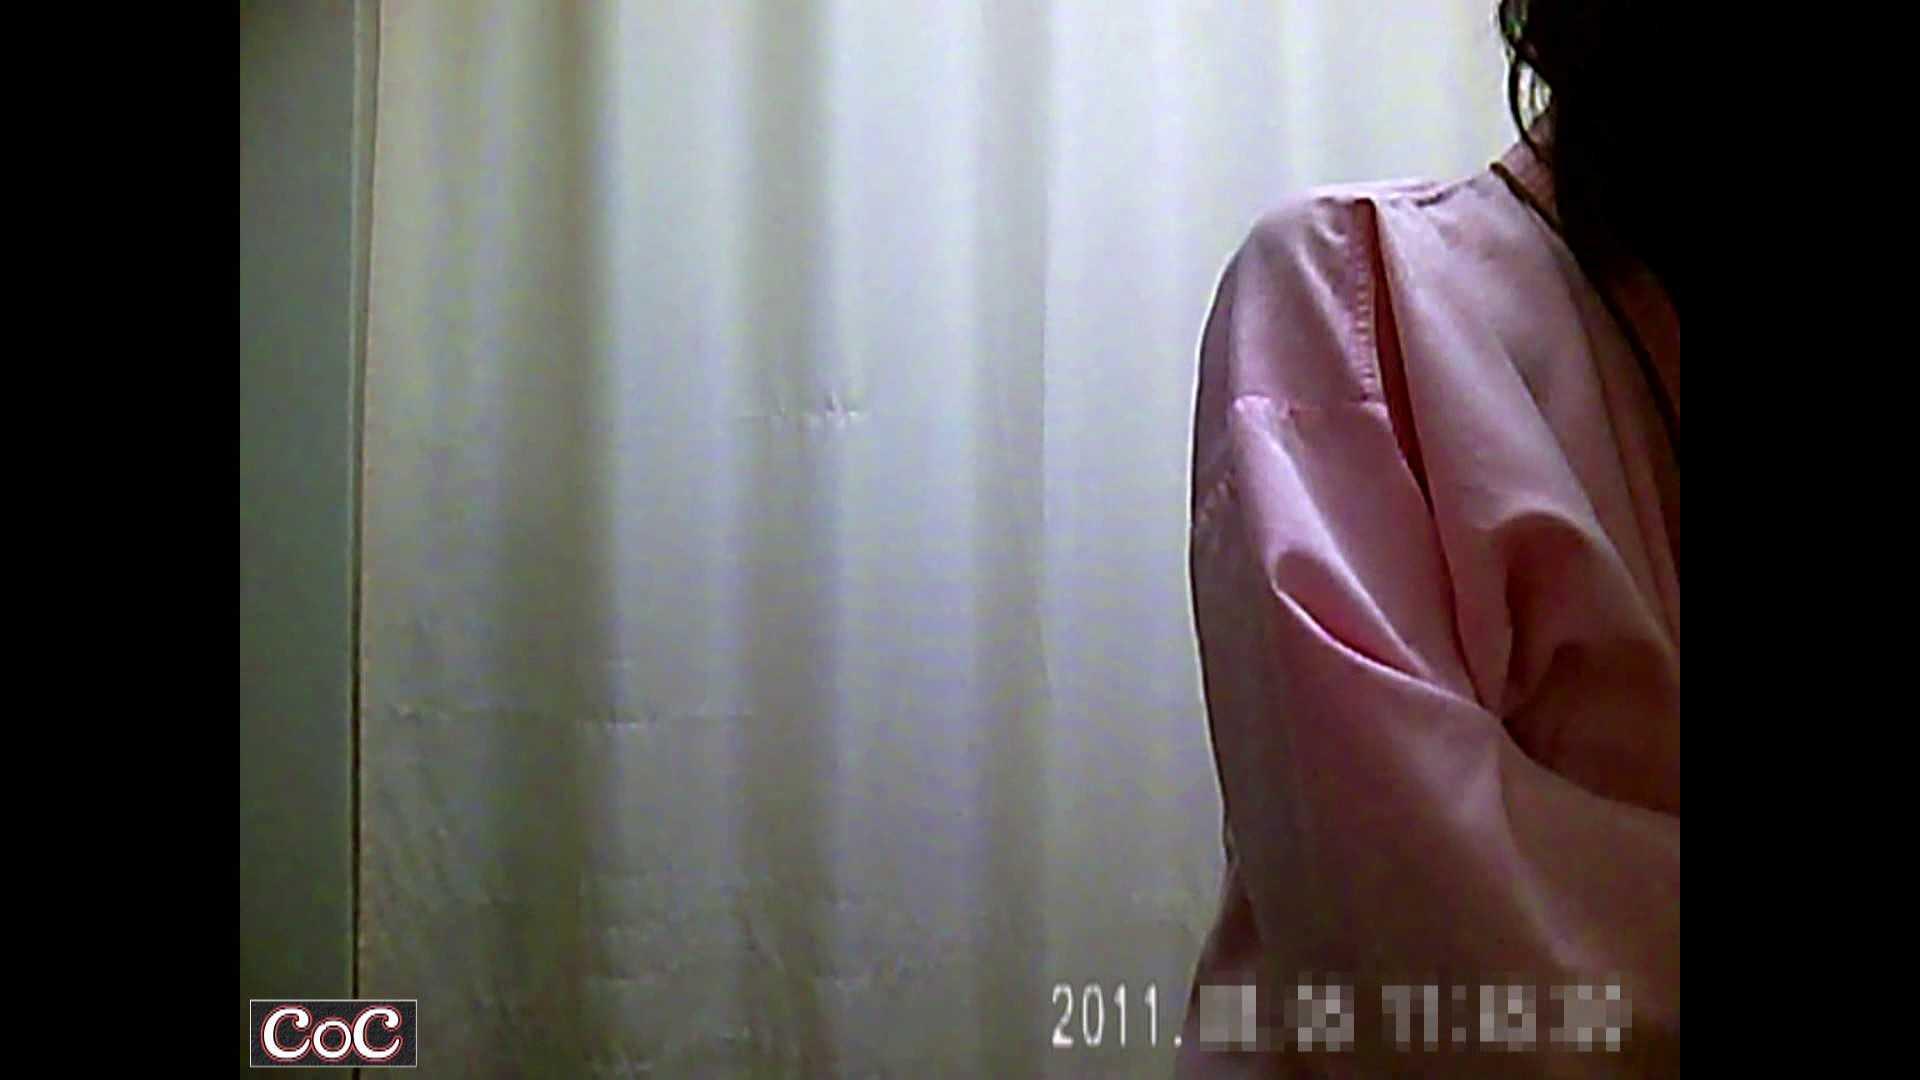 病院おもいっきり着替え! vol.12 巨乳 おめこ無修正動画無料 110pic 34